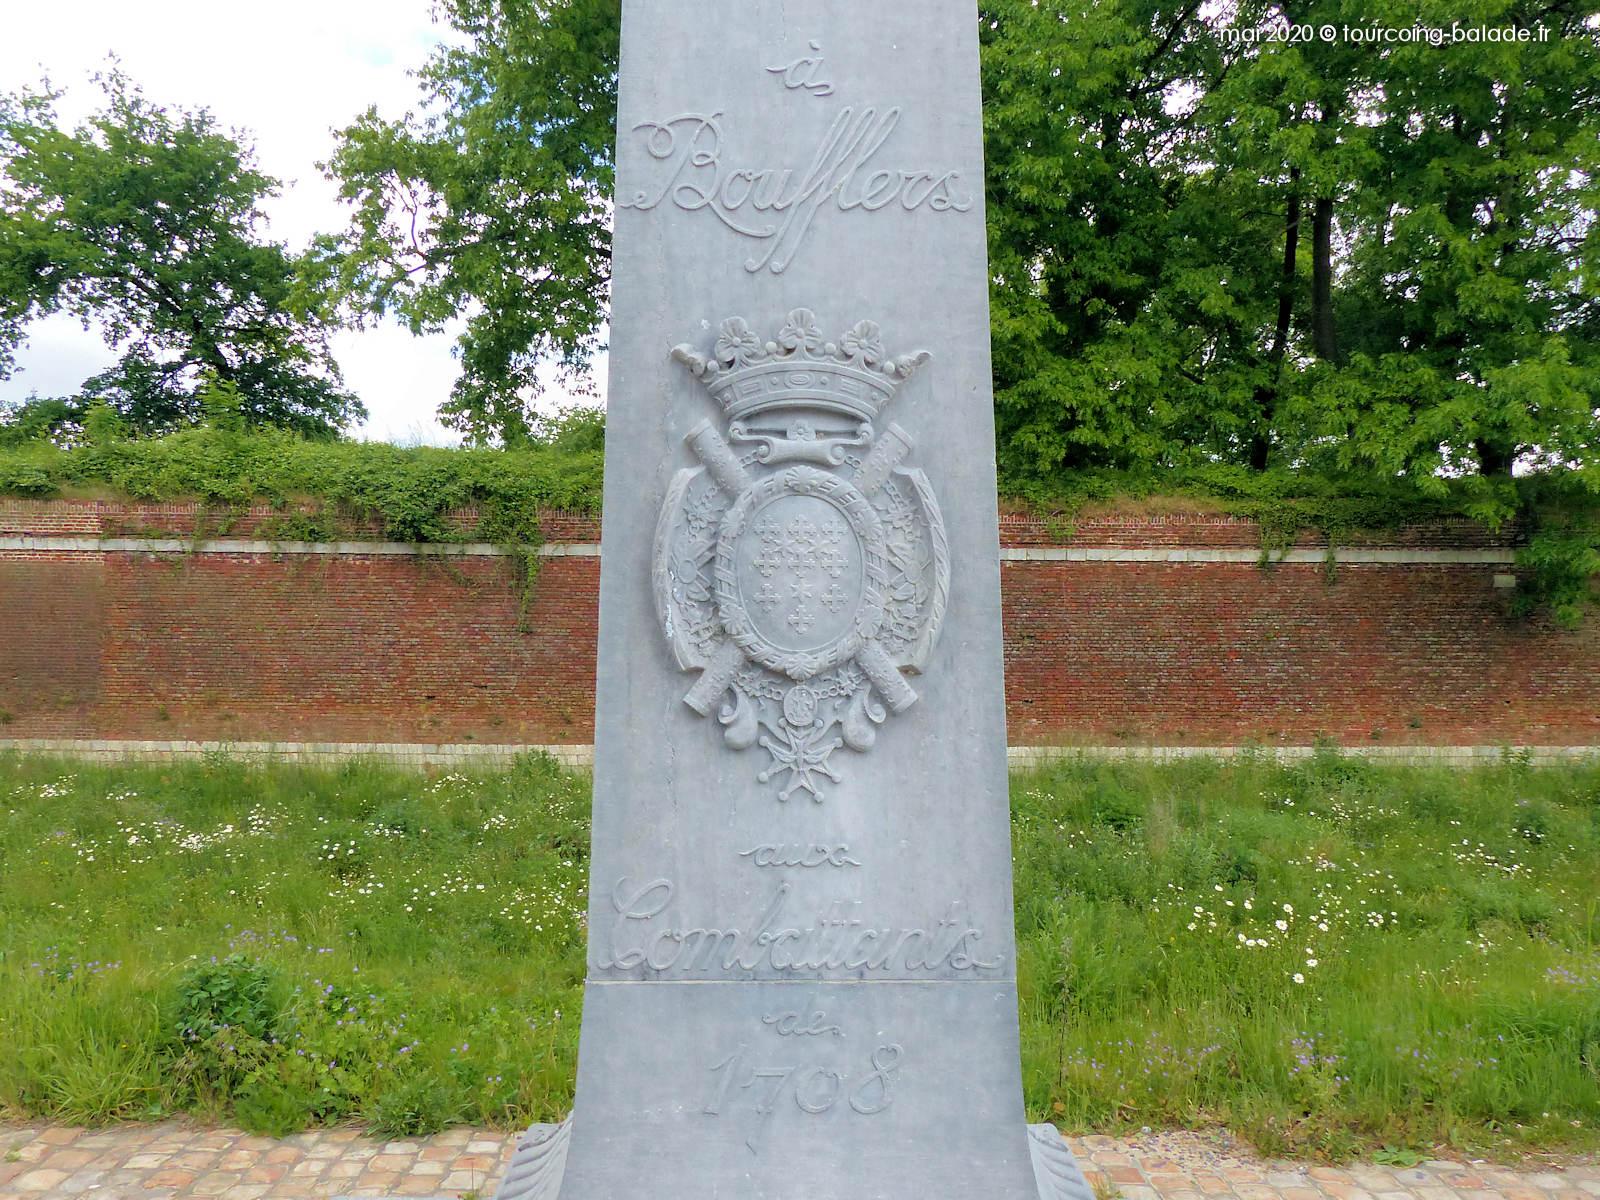 Inscriptions sur la Colonne Boufflers, Lille Citadelle, 2020